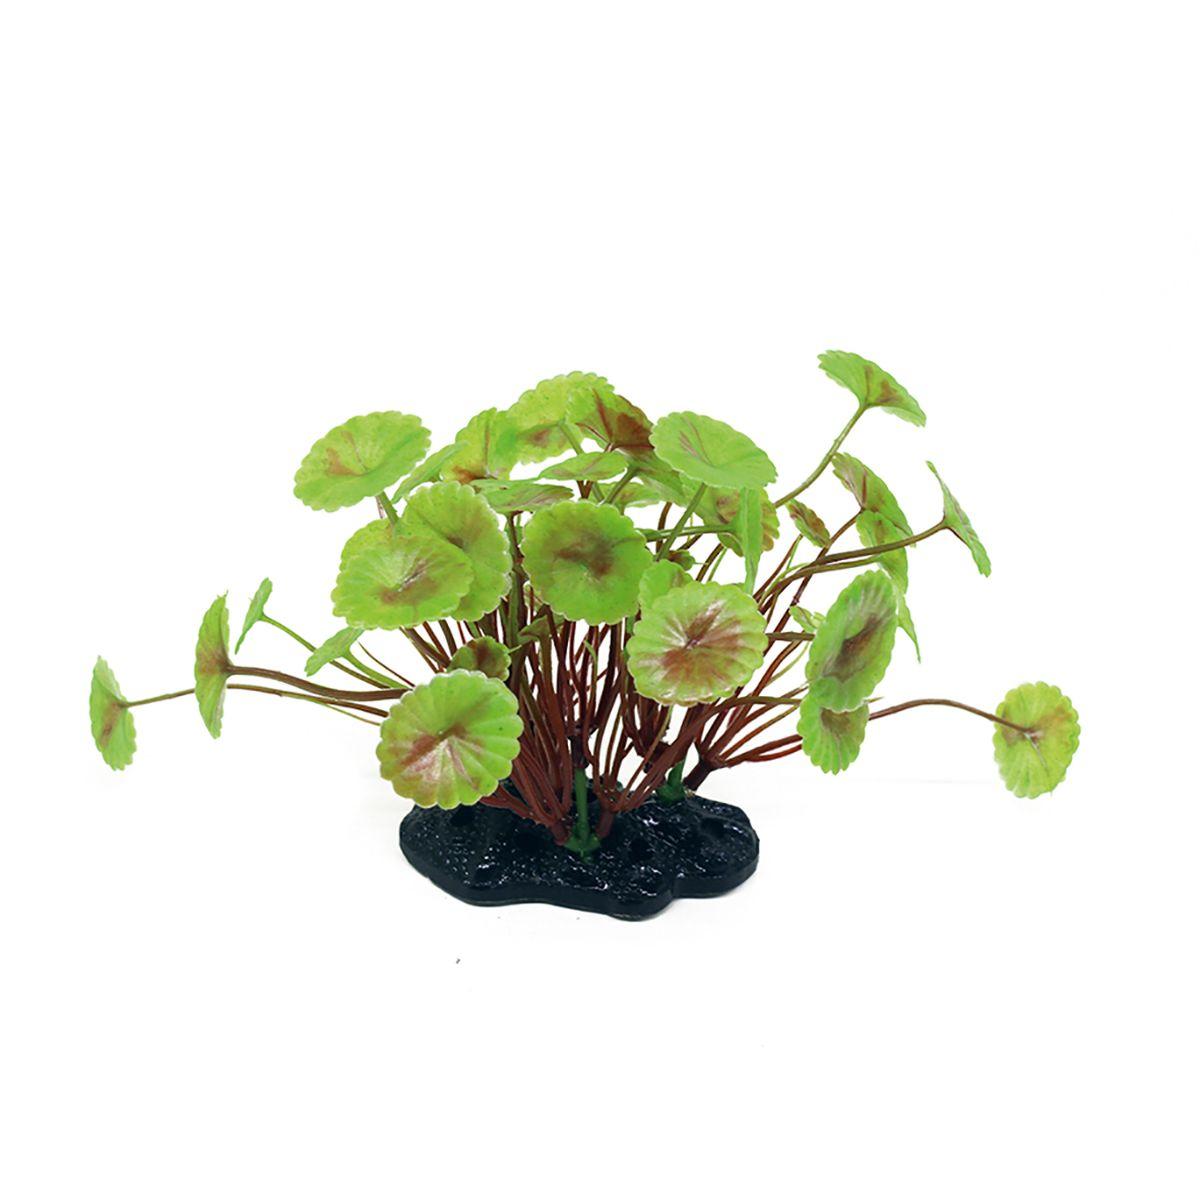 Растение для аквариума ArtUniq Щитолистник вертикальный, высота 10-12 см0120710Композиция из искусственных растений ArtUniq превосходно украсит и оживит аквариум.Растения - это важная часть любой композиции, они помогут вдохнуть жизнь в ландшафт любого аквариума или террариума. А их сходствос природными порадует даже самых взыскательных ценителей.